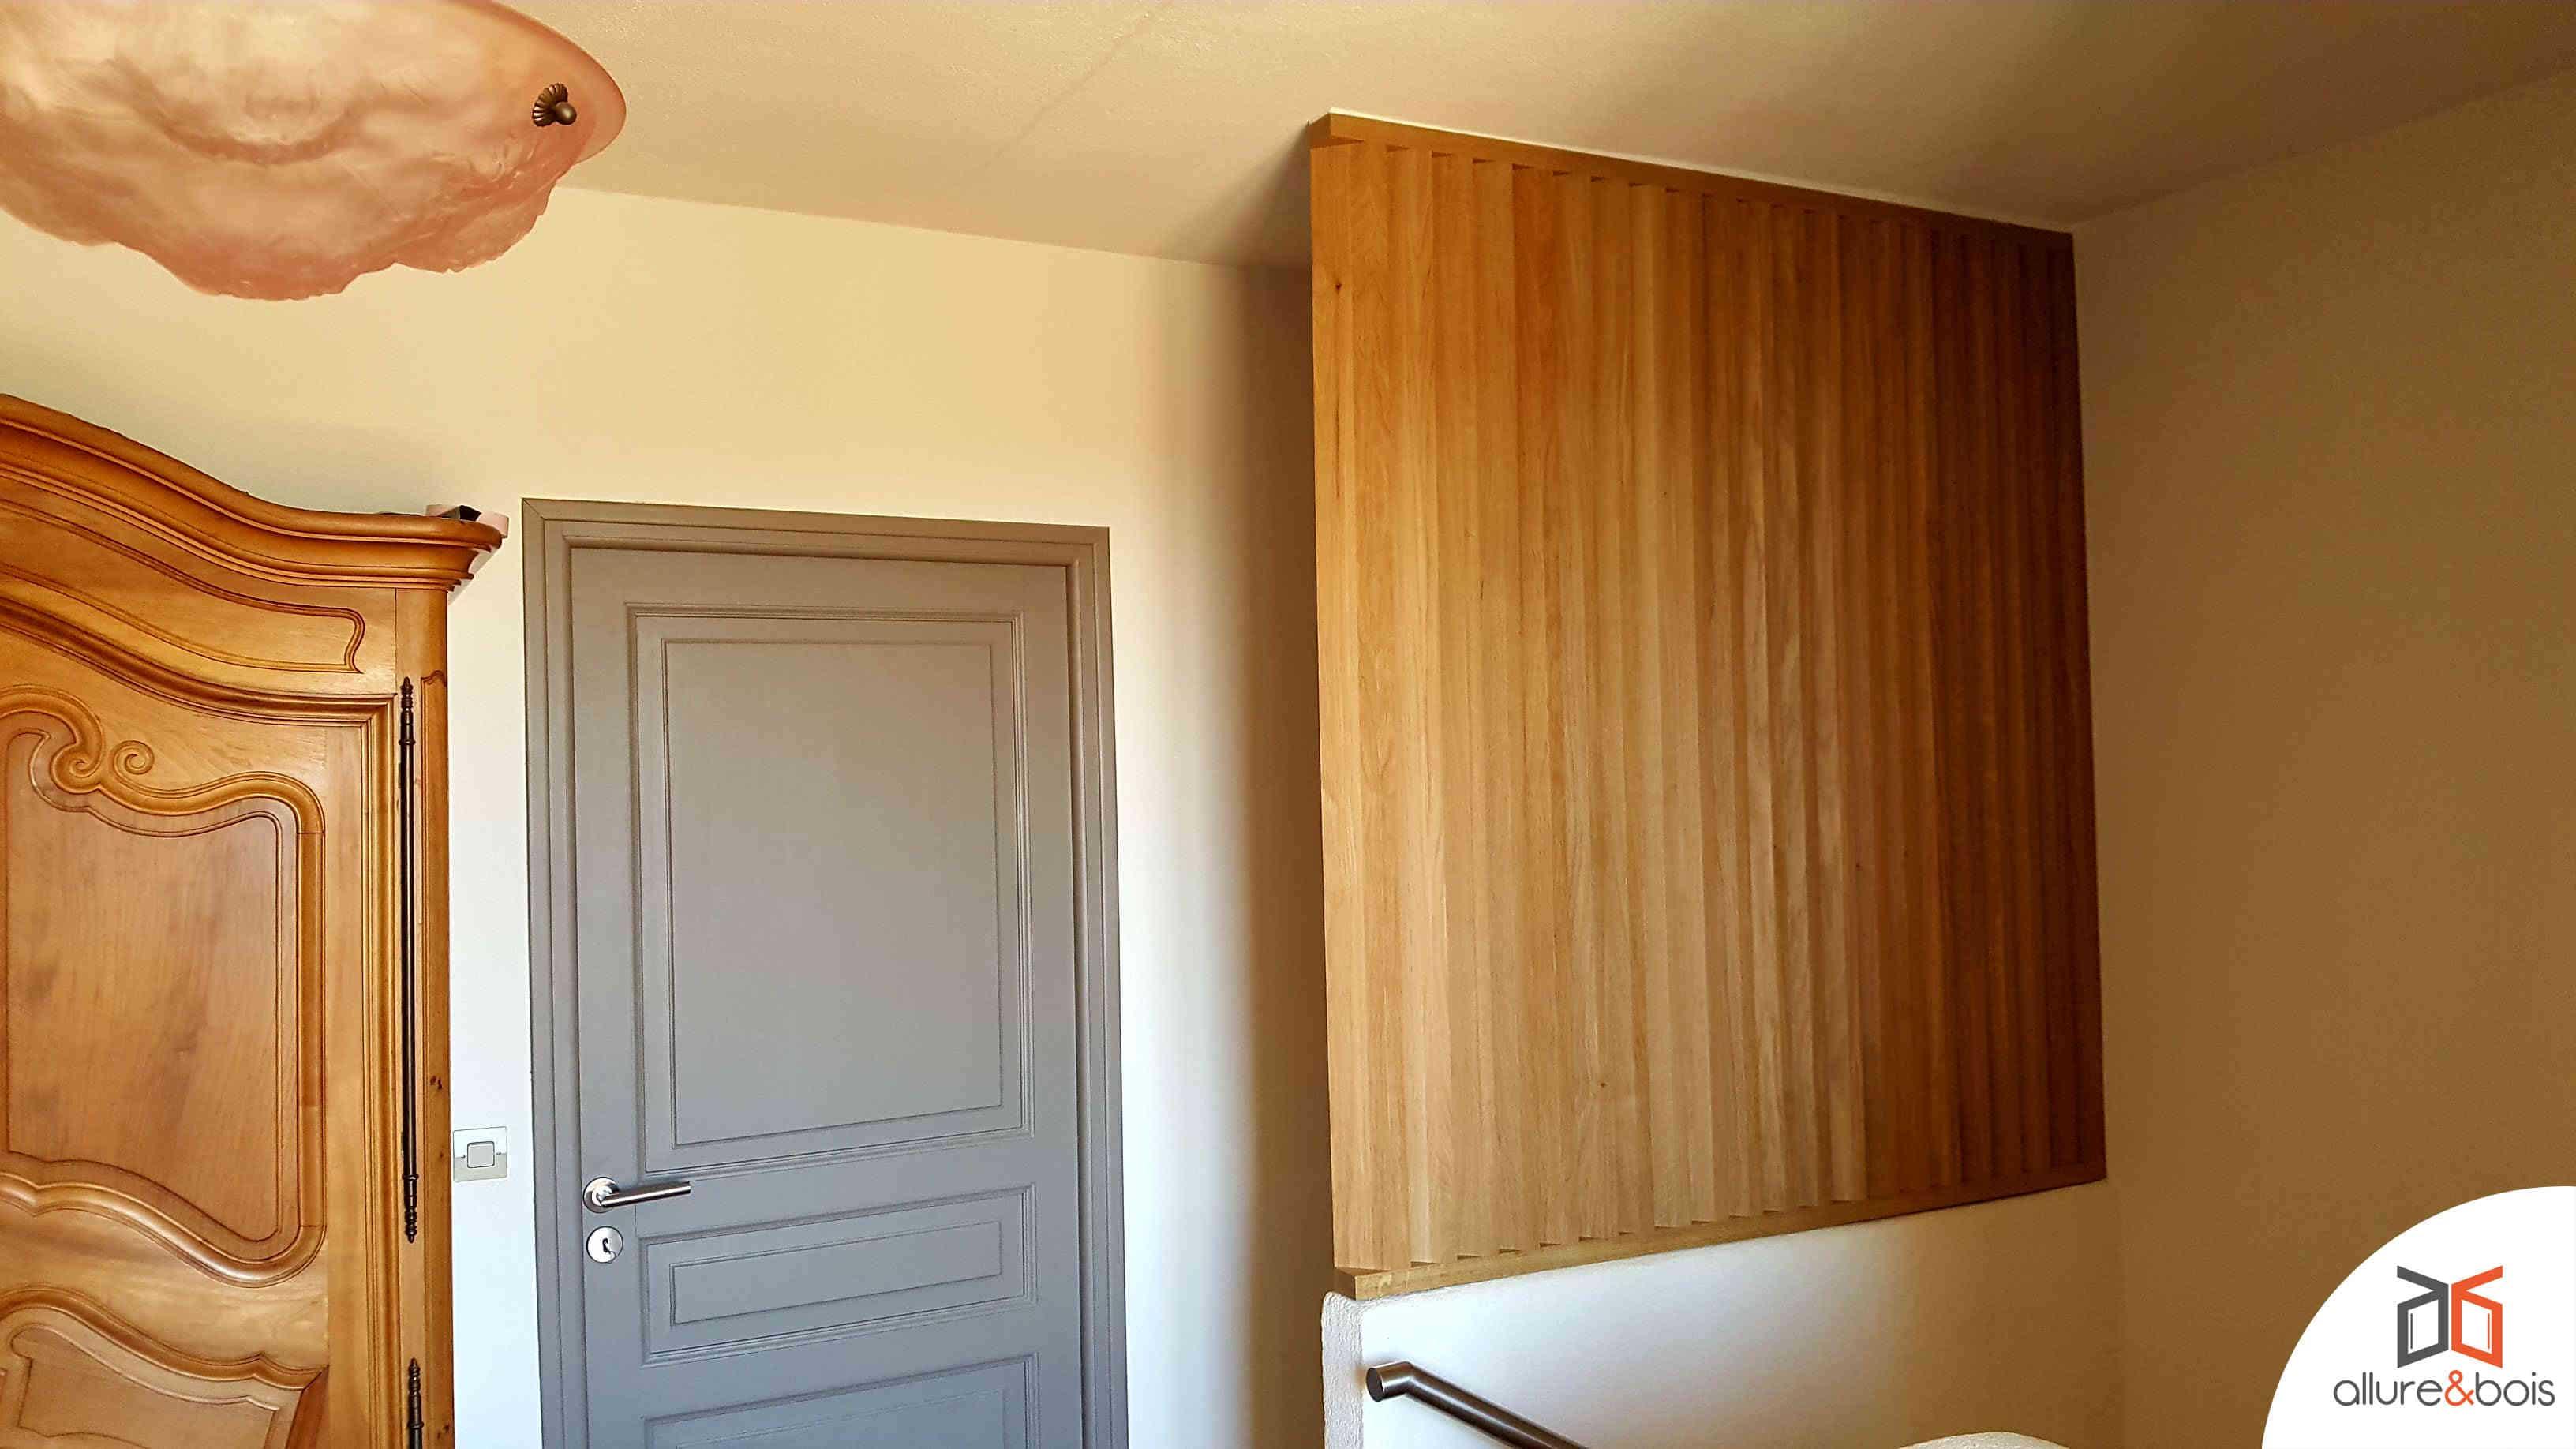 Claustra lames bois verticales inclinées